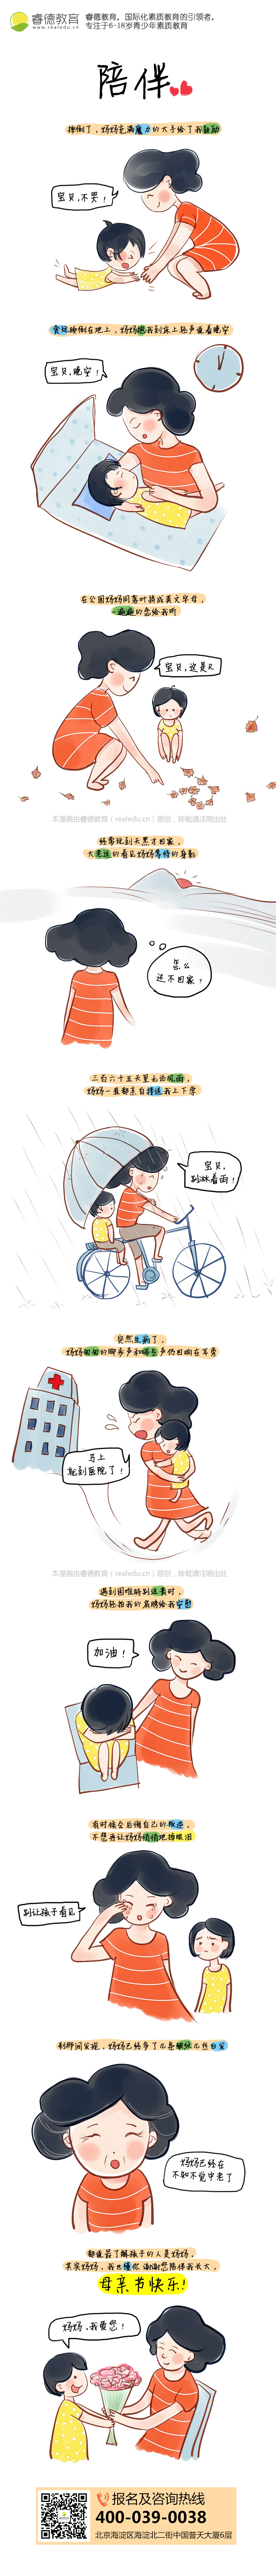 母亲节漫画|短篇/四格漫画|动漫|1lingbaby